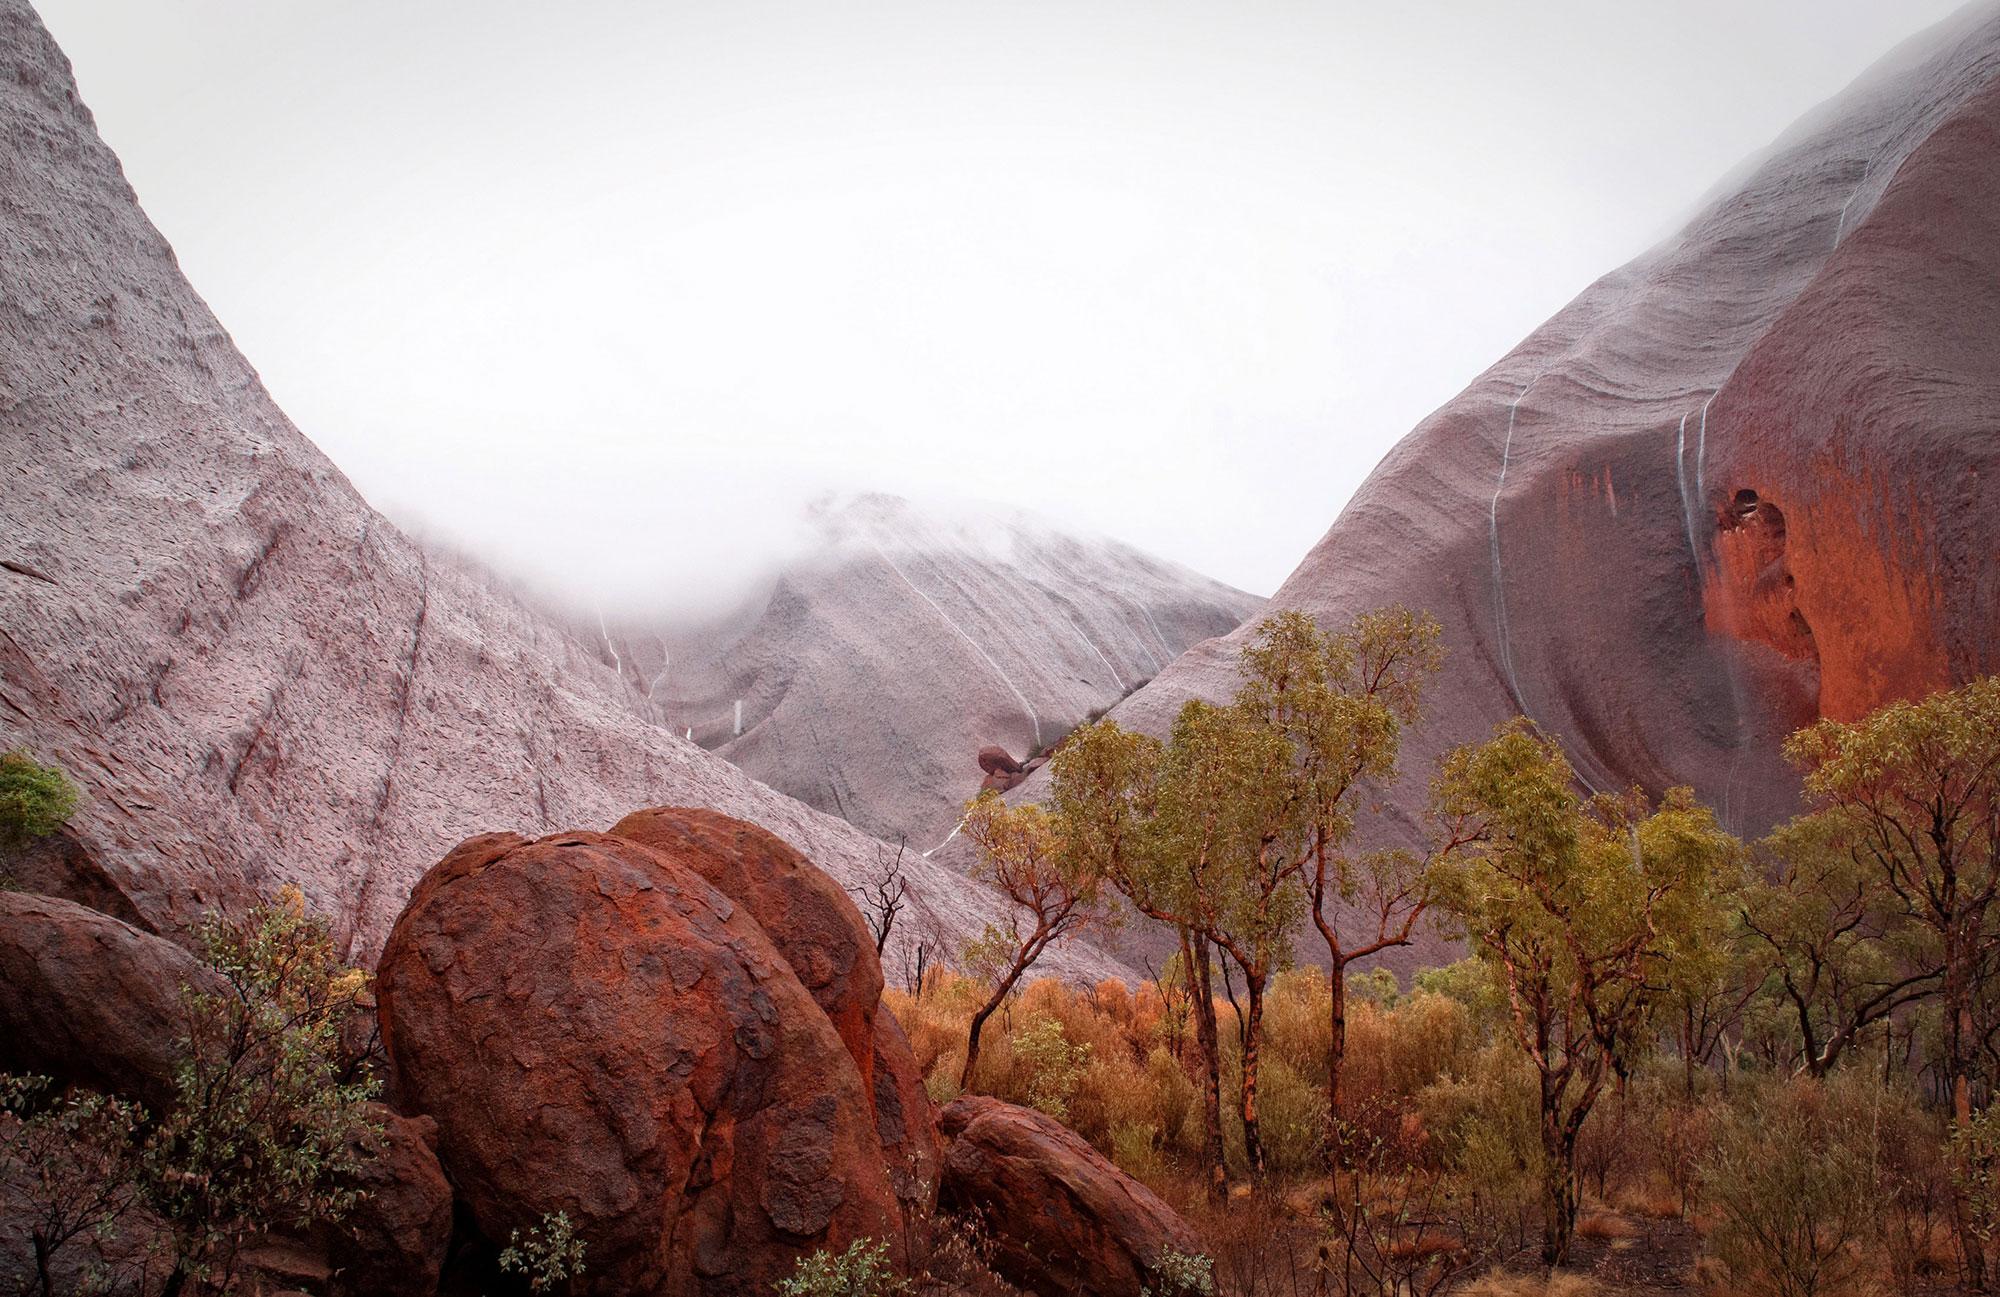 cliff-face of Uluru